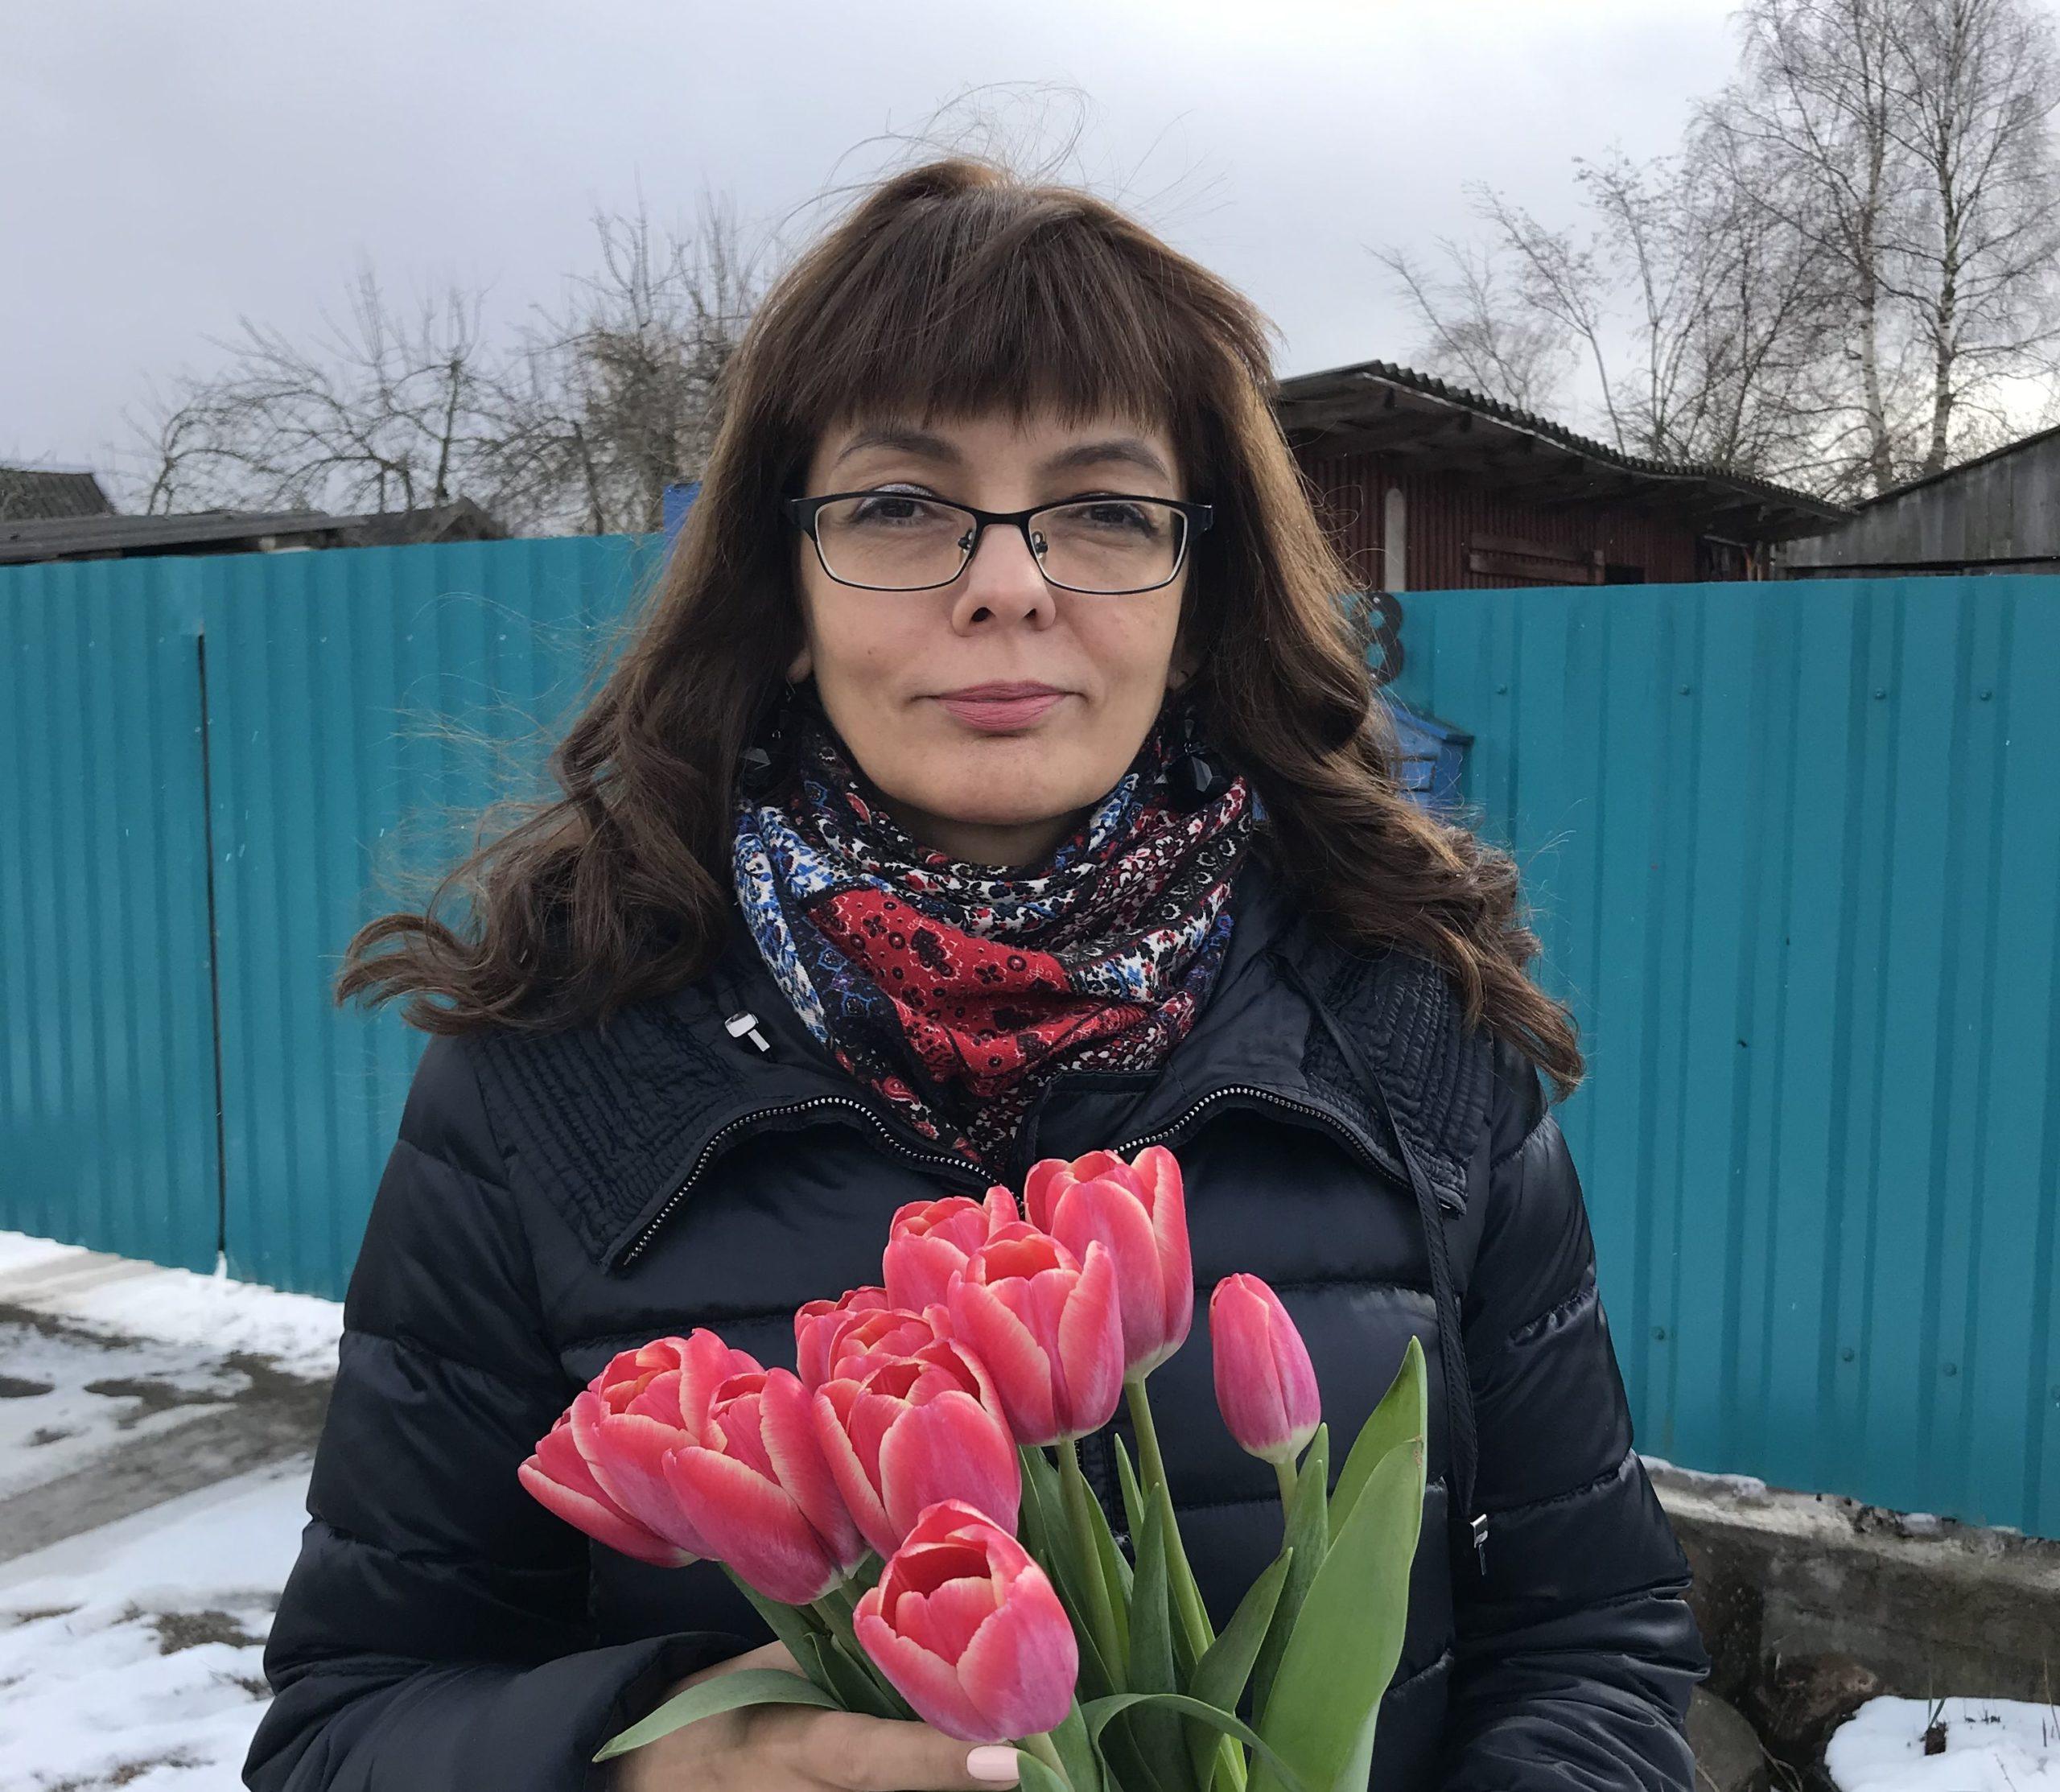 Галина Андреенко: Нацпроекты - это возможность решить застарелые проблемы